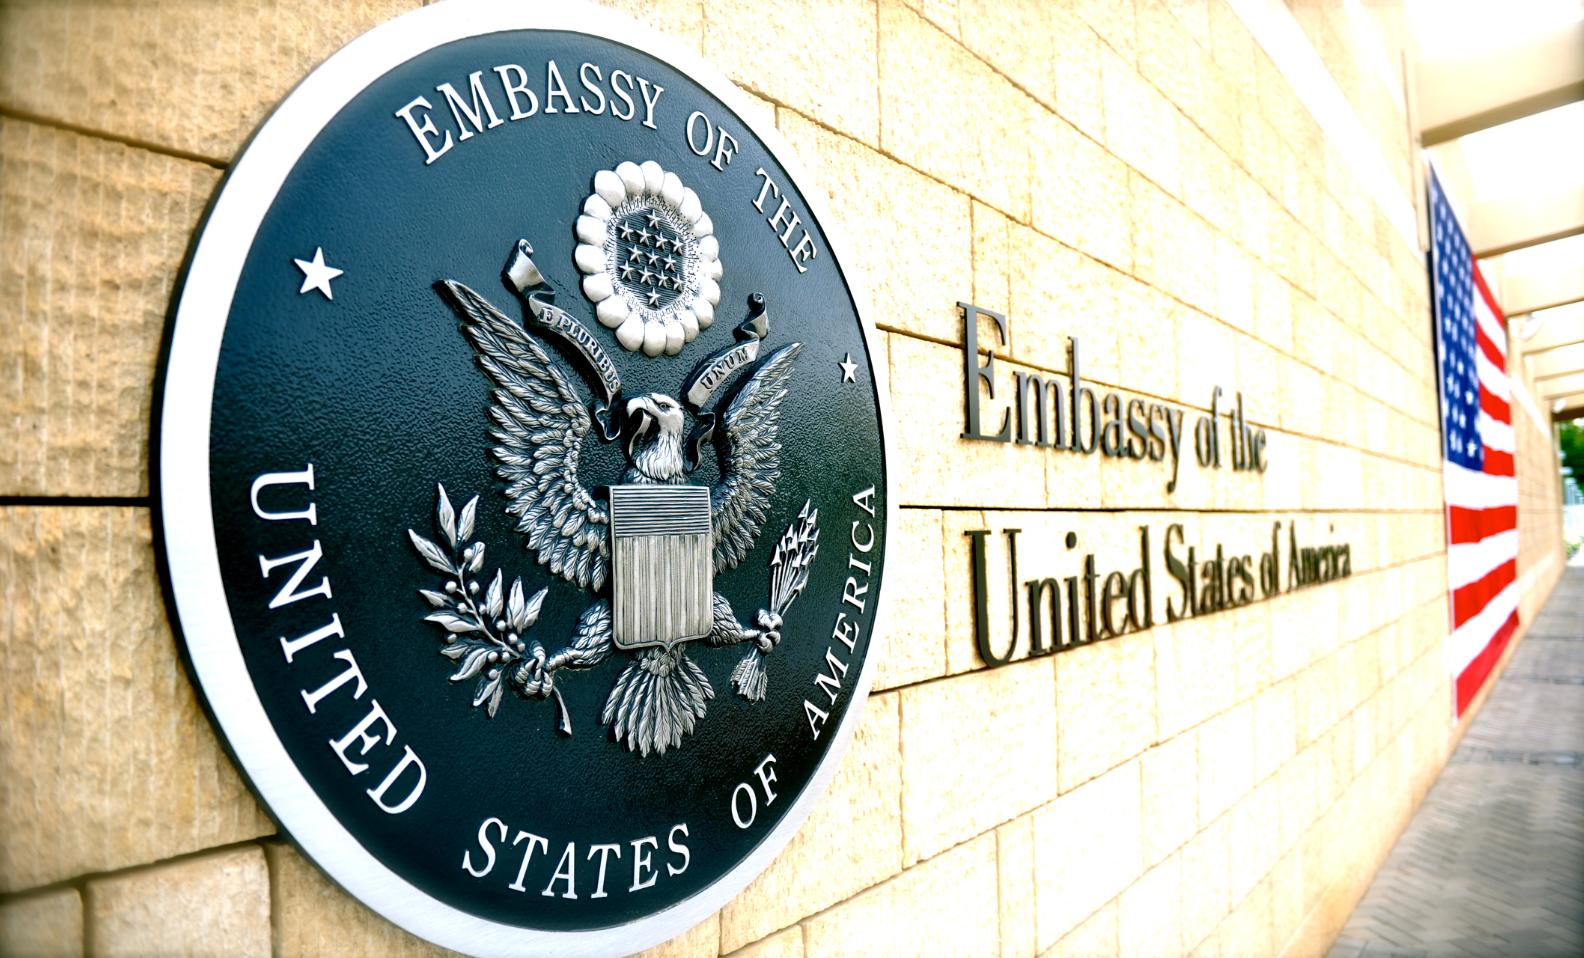 Embassy là gì?